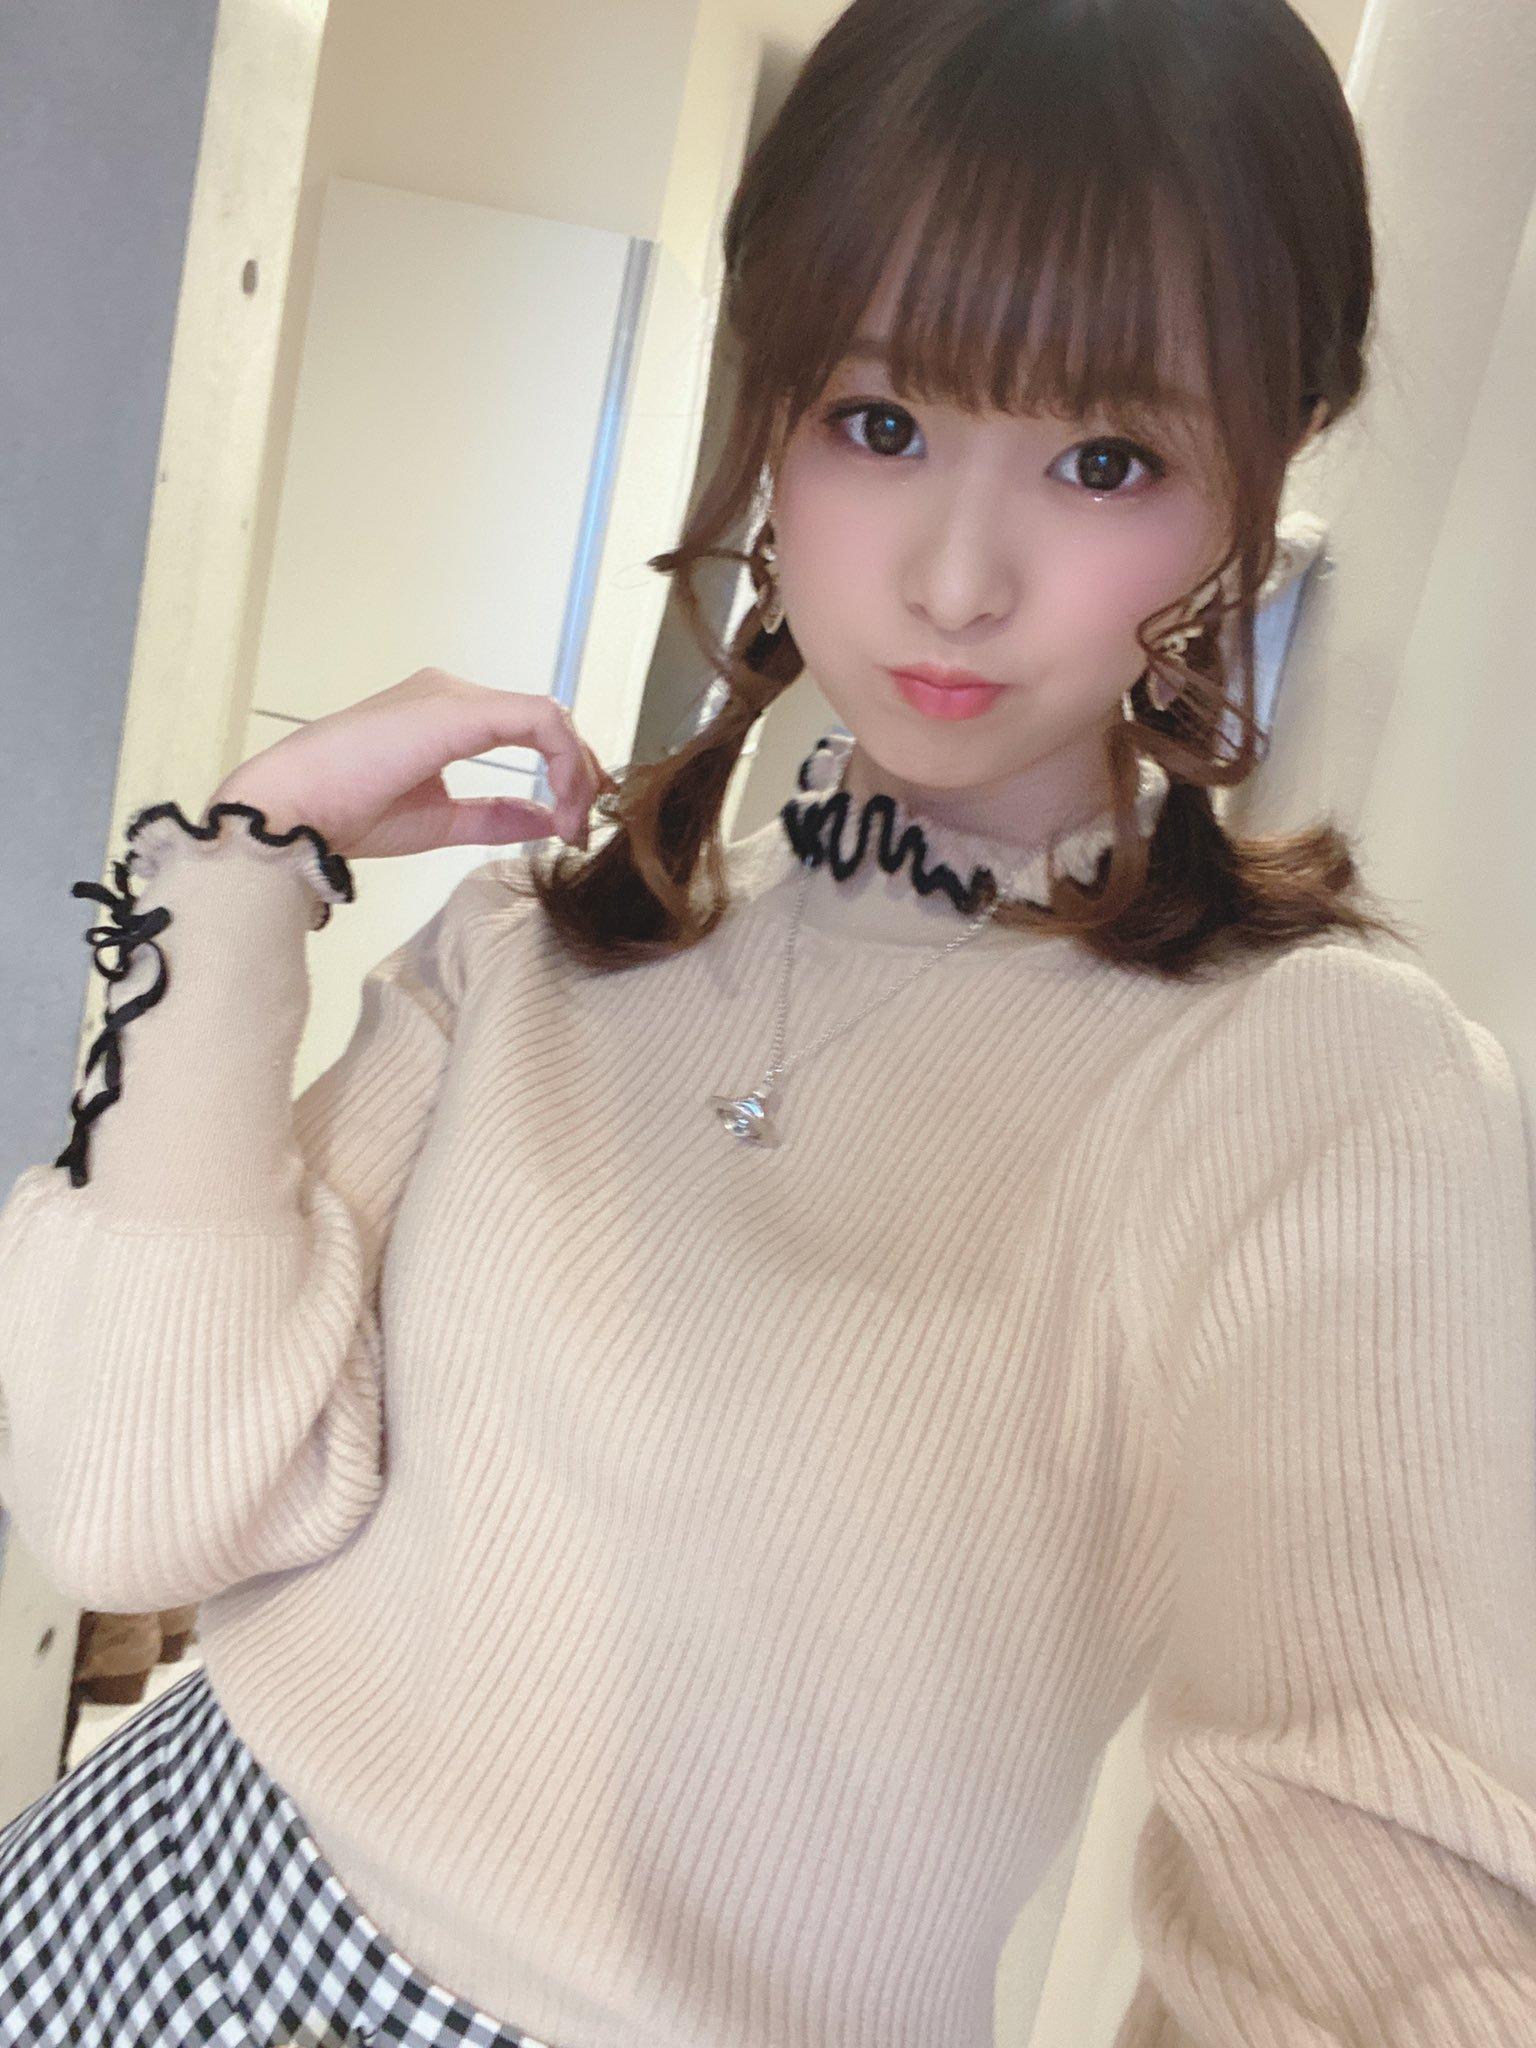 hikari_ninoheee 1239838269333880832_p0